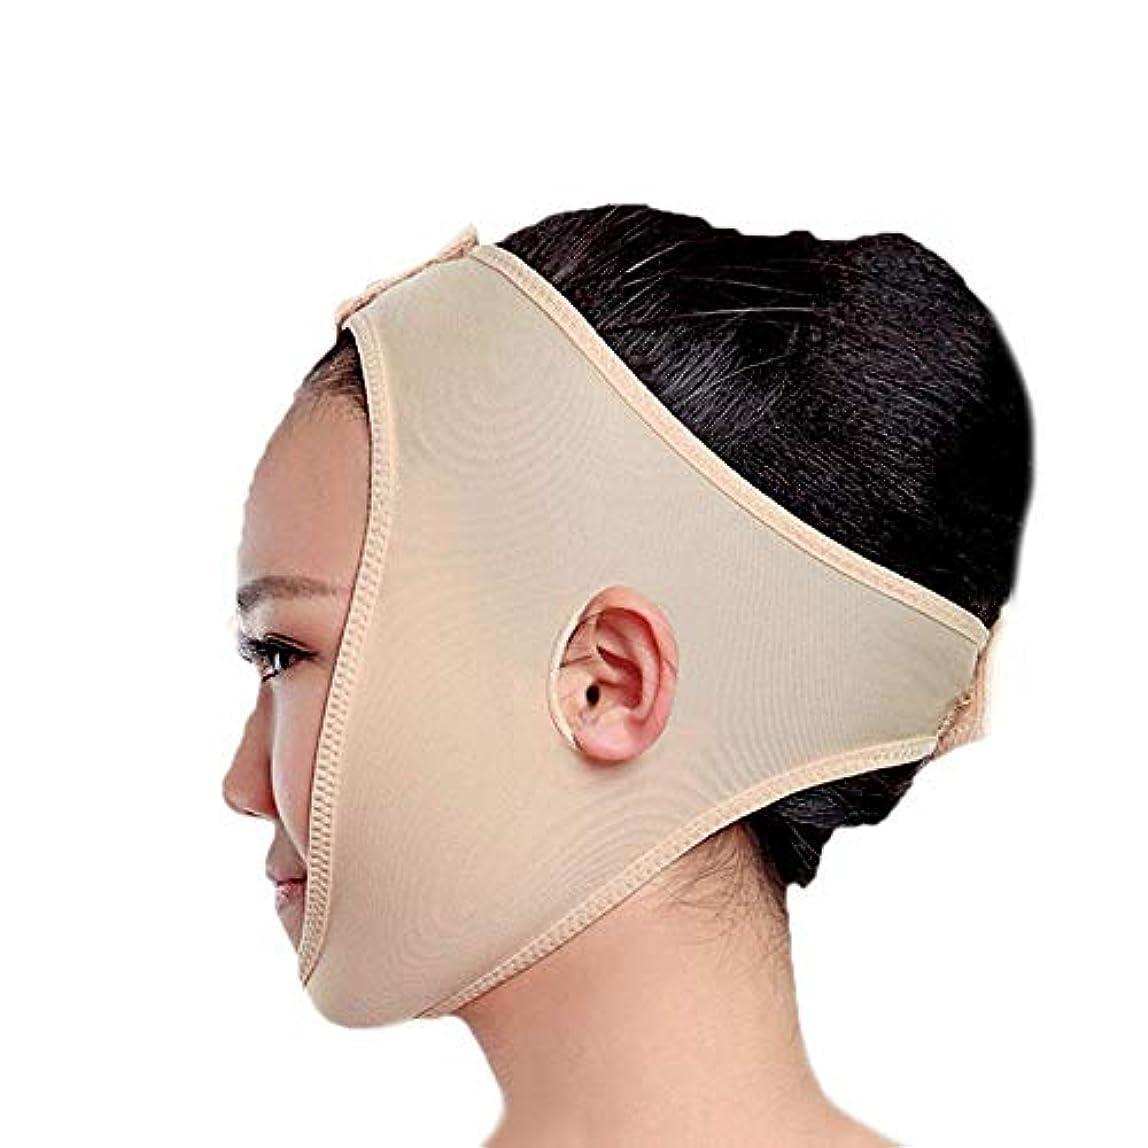 あたたかいカスタム絶壁フェイススリミングマスク、快適さと通気性、フェイシャルリフティング、輪郭の改善された硬さ、ファーミングとリフティングフェイス(カラー:ブラック、サイズ:XL),黄色がかったピンク2、L